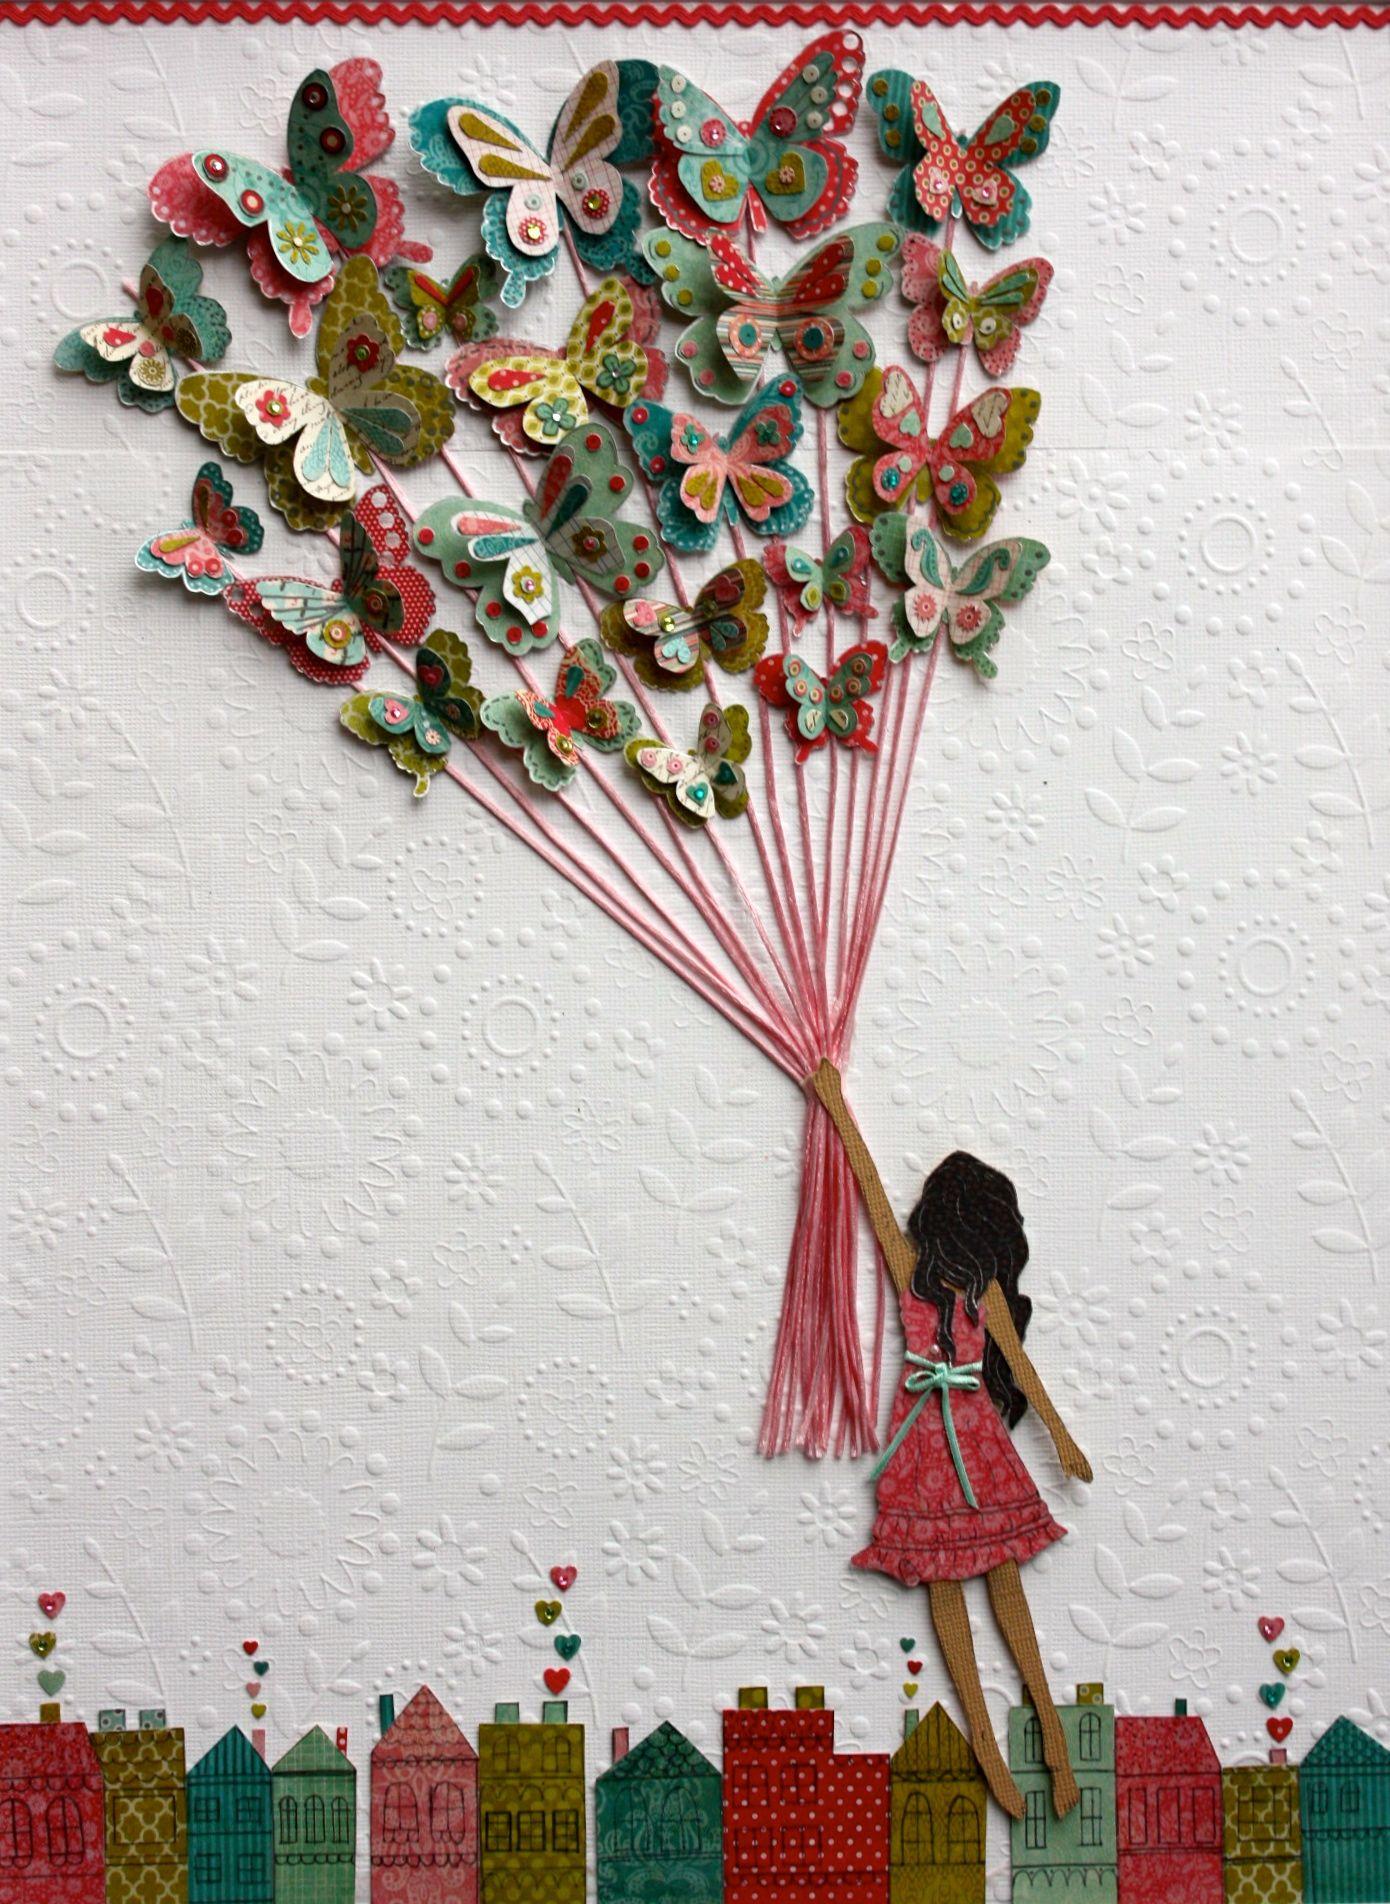 Fly away- 3D paper cut wall art by Roxyoxy creations  www.roxyoxy.com.au  #blowingbubbles #childrenswallart #childrenswalldecor #childrensroomwallart #artforchildrensrooms #kidswallart #kidsroomwallart #flyingaway #papercut #papercutart #3dart #pastel #illustrations #illustrationsforchildren #childrensinteriordesign #girlswallart #girlswalldecor #kidsroomdecor #nurseryart #artforgirlsnursery #nurserywallart #roxyoxycreations #prettywallart #butterflyart#butterflies #flyaway